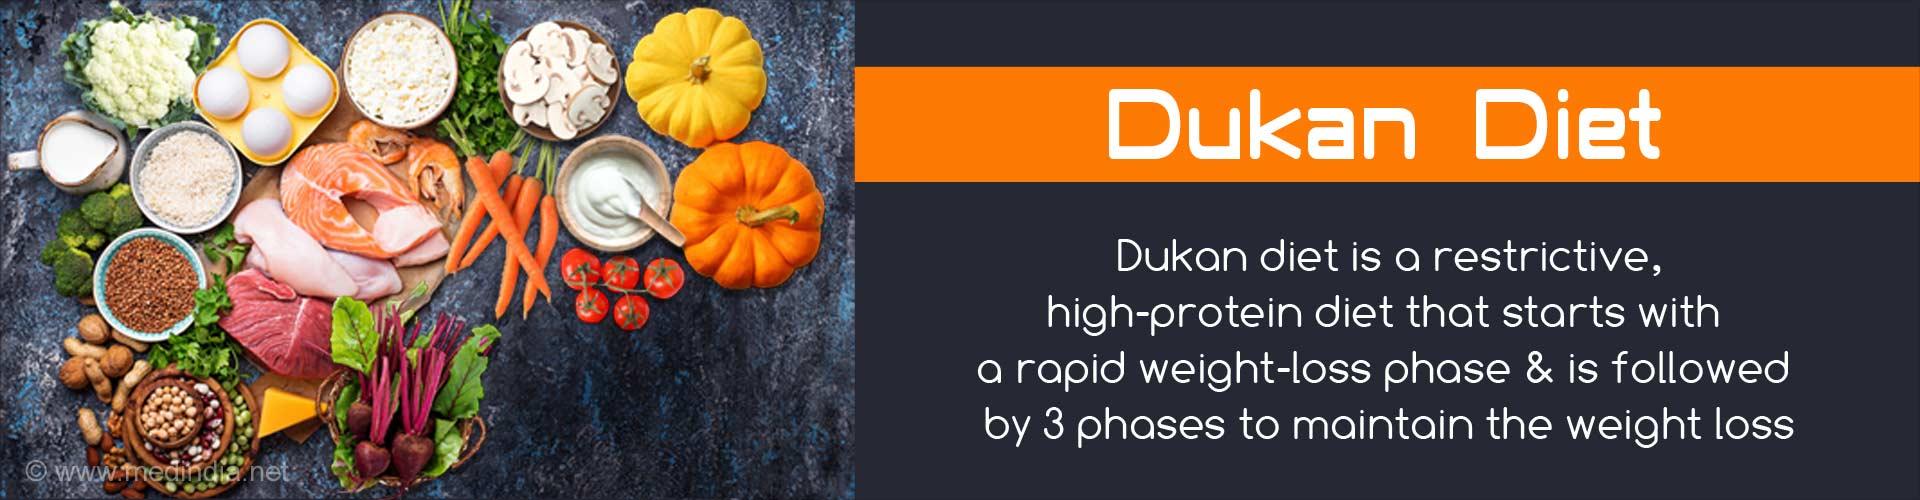 Dukan Diet / Benefits of Dukan Diet